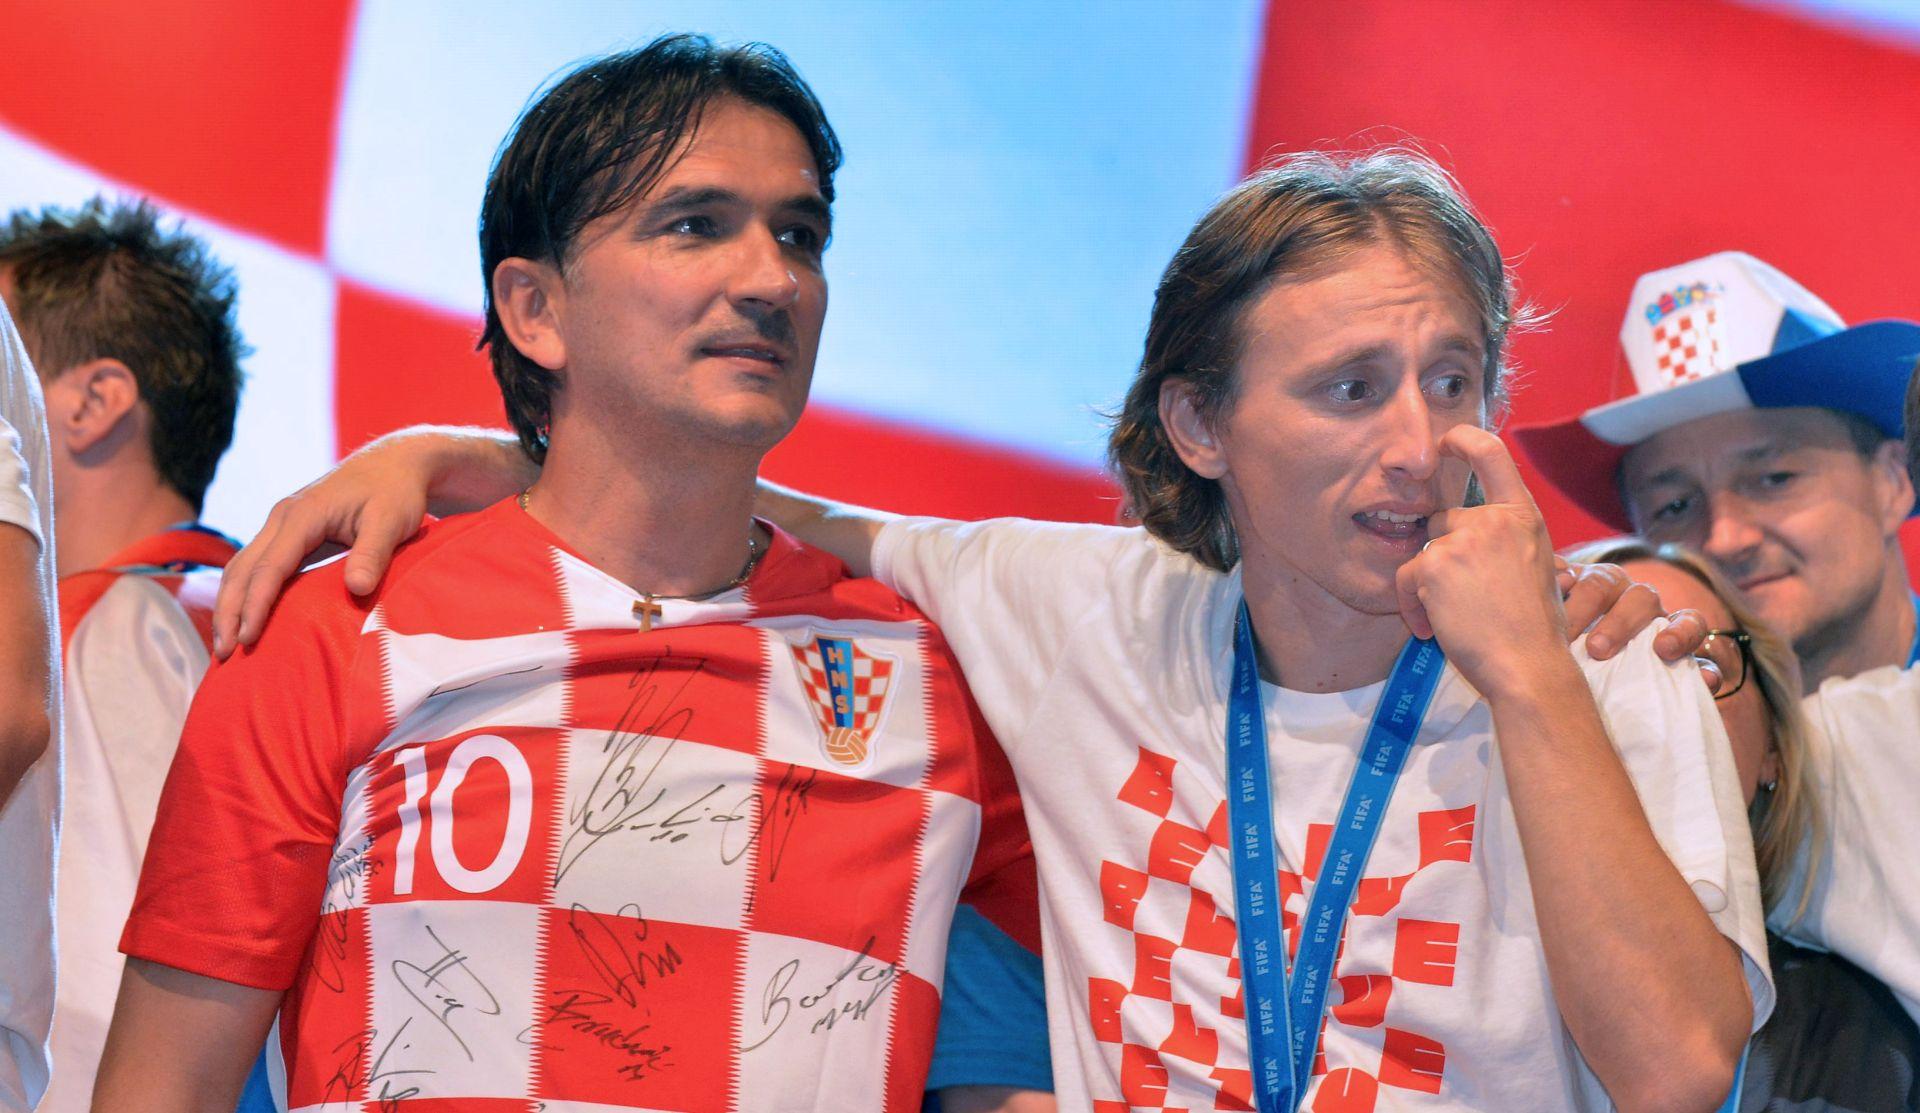 HNS-u ostaje 13 milijuna a nogometaši i stožer dijele 10 milijuna eura